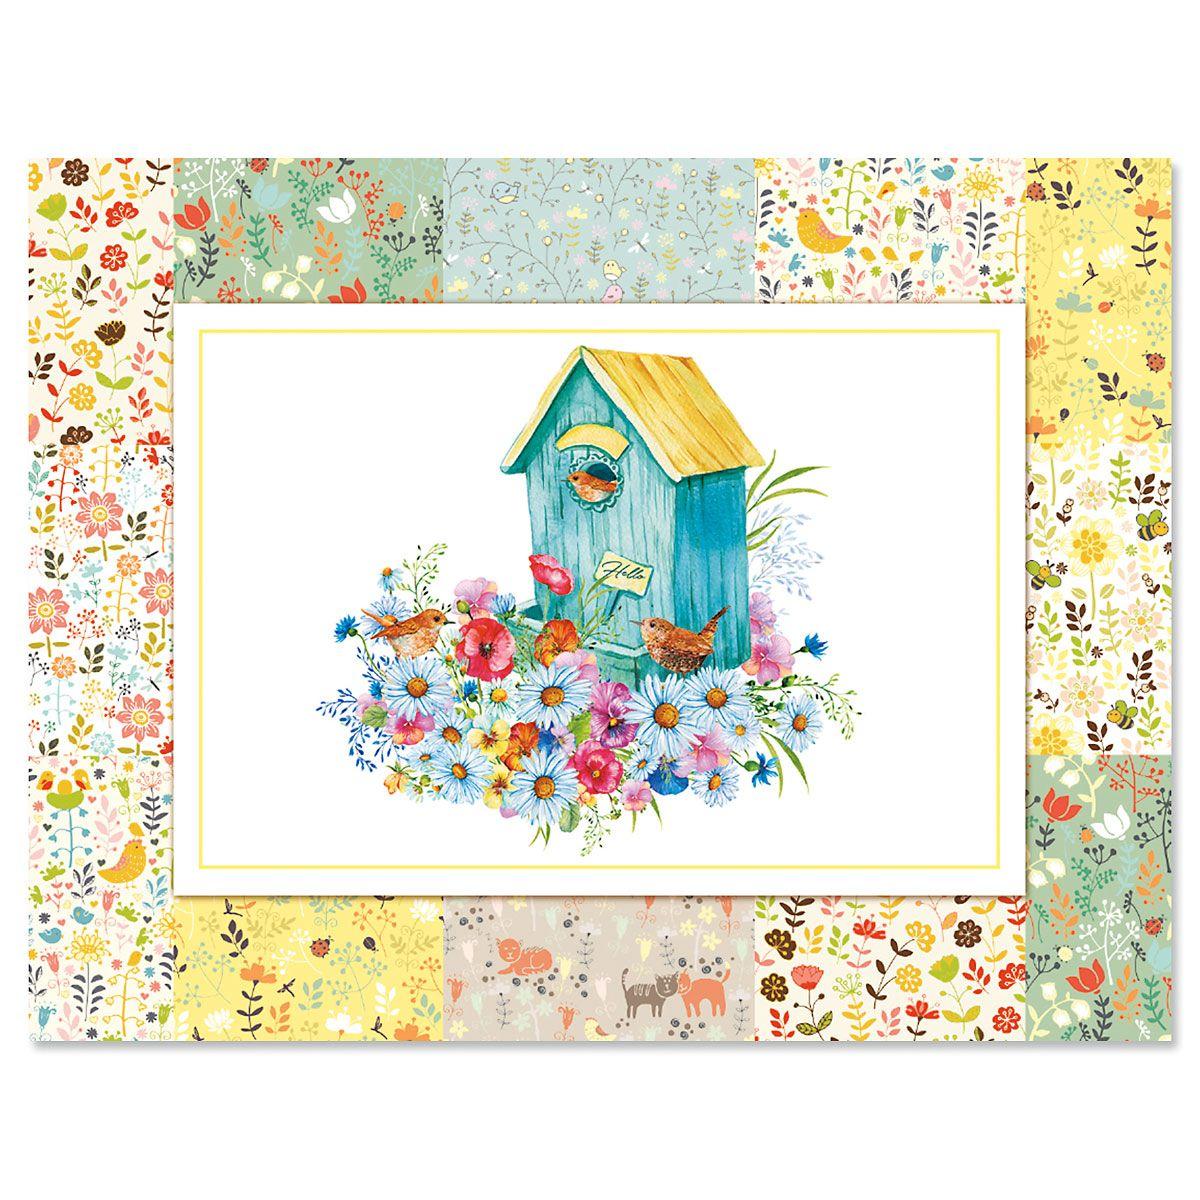 Floral Patchwork Note Cards - BOGO